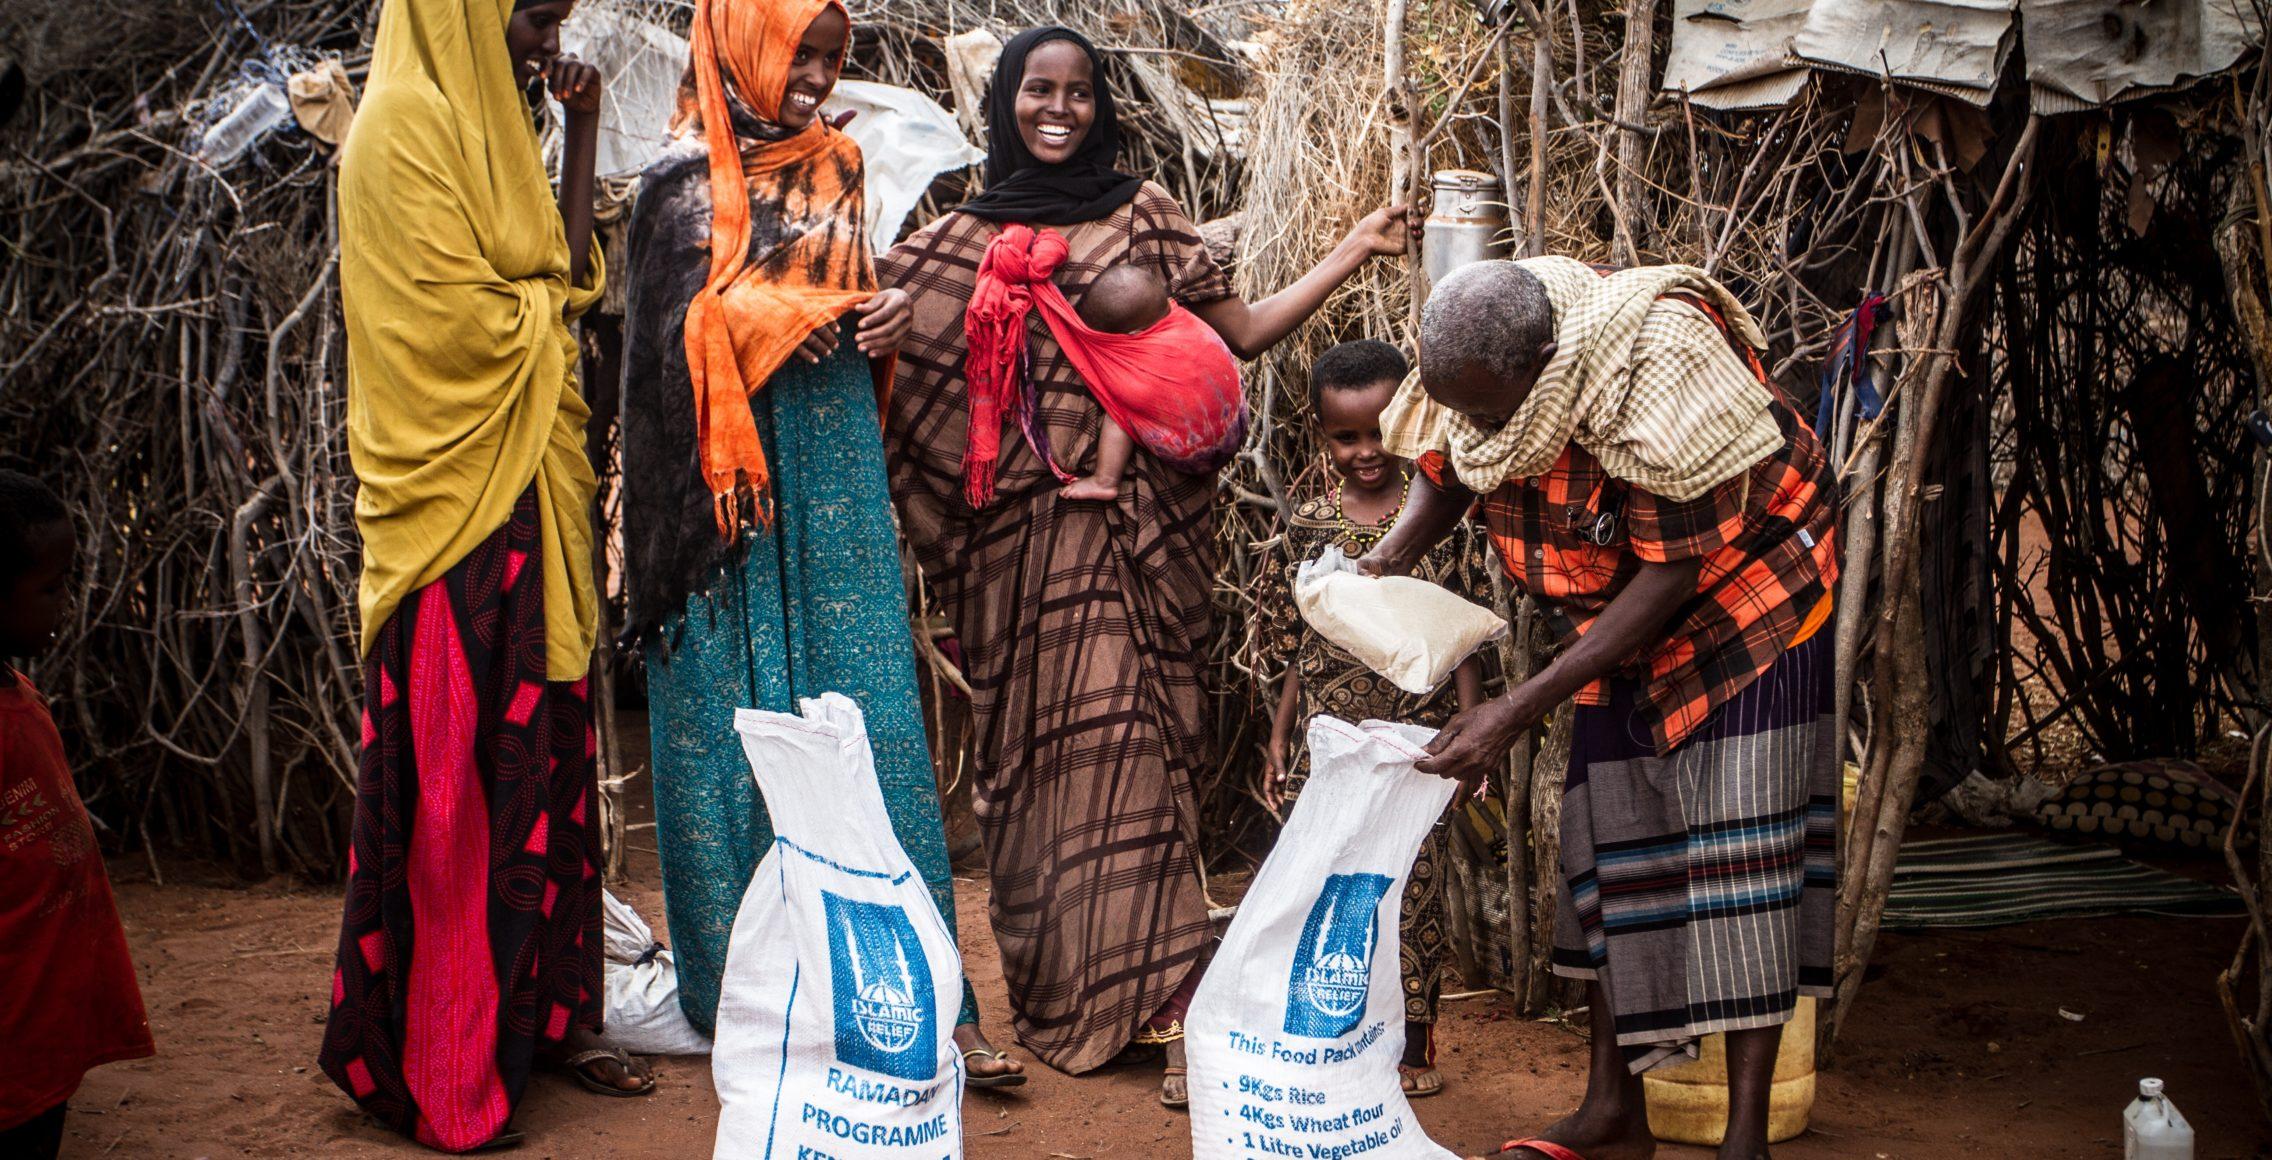 People in Kenya receiving food